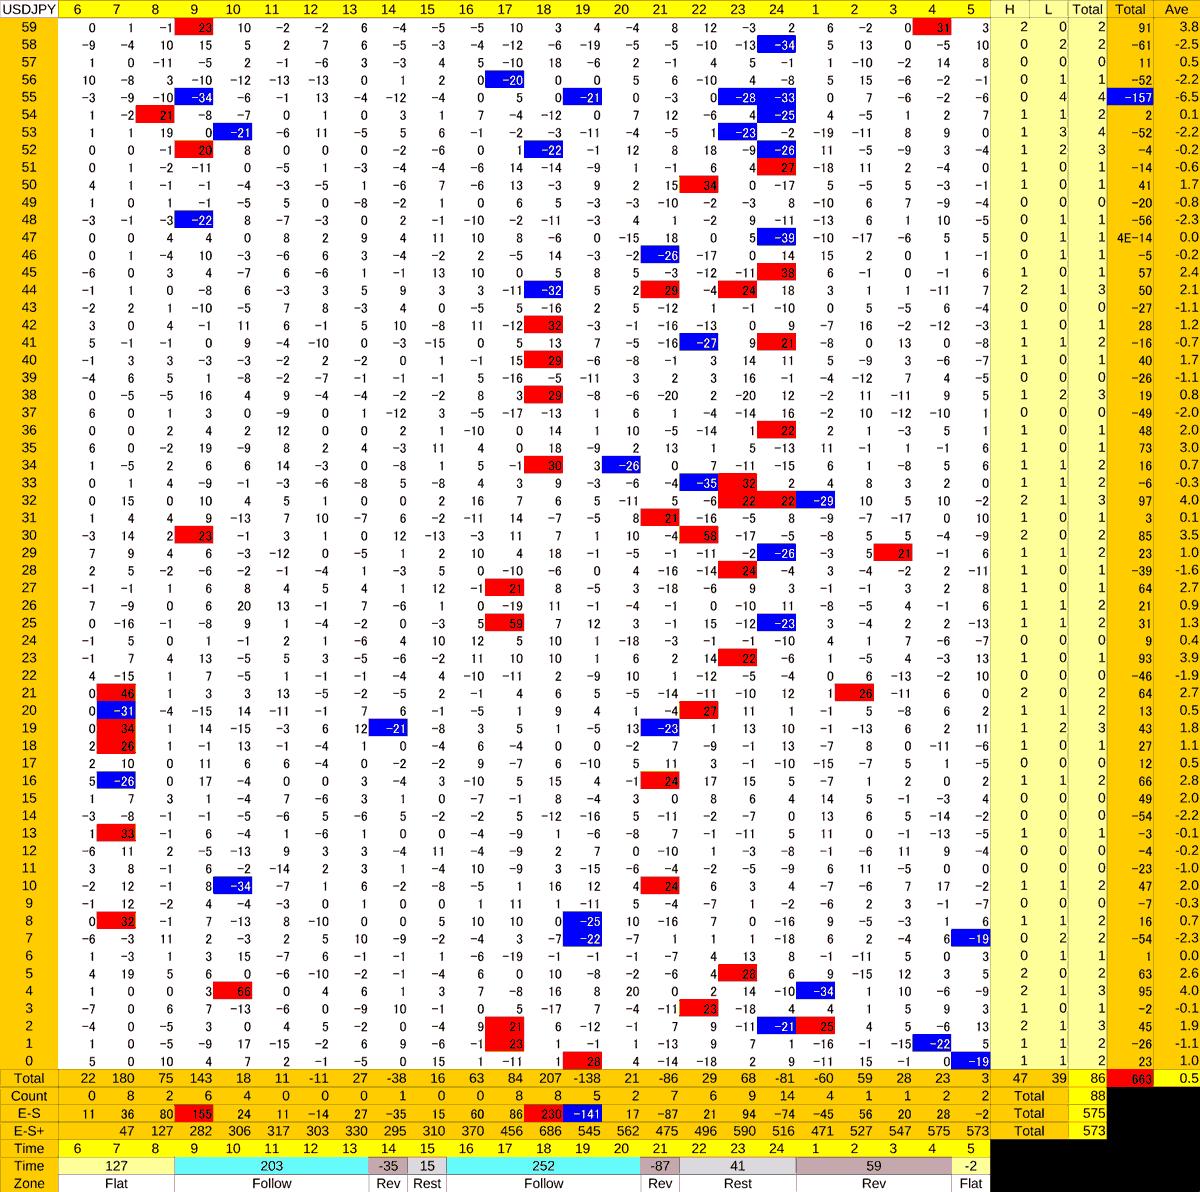 20210129_HS(1)USDJPY